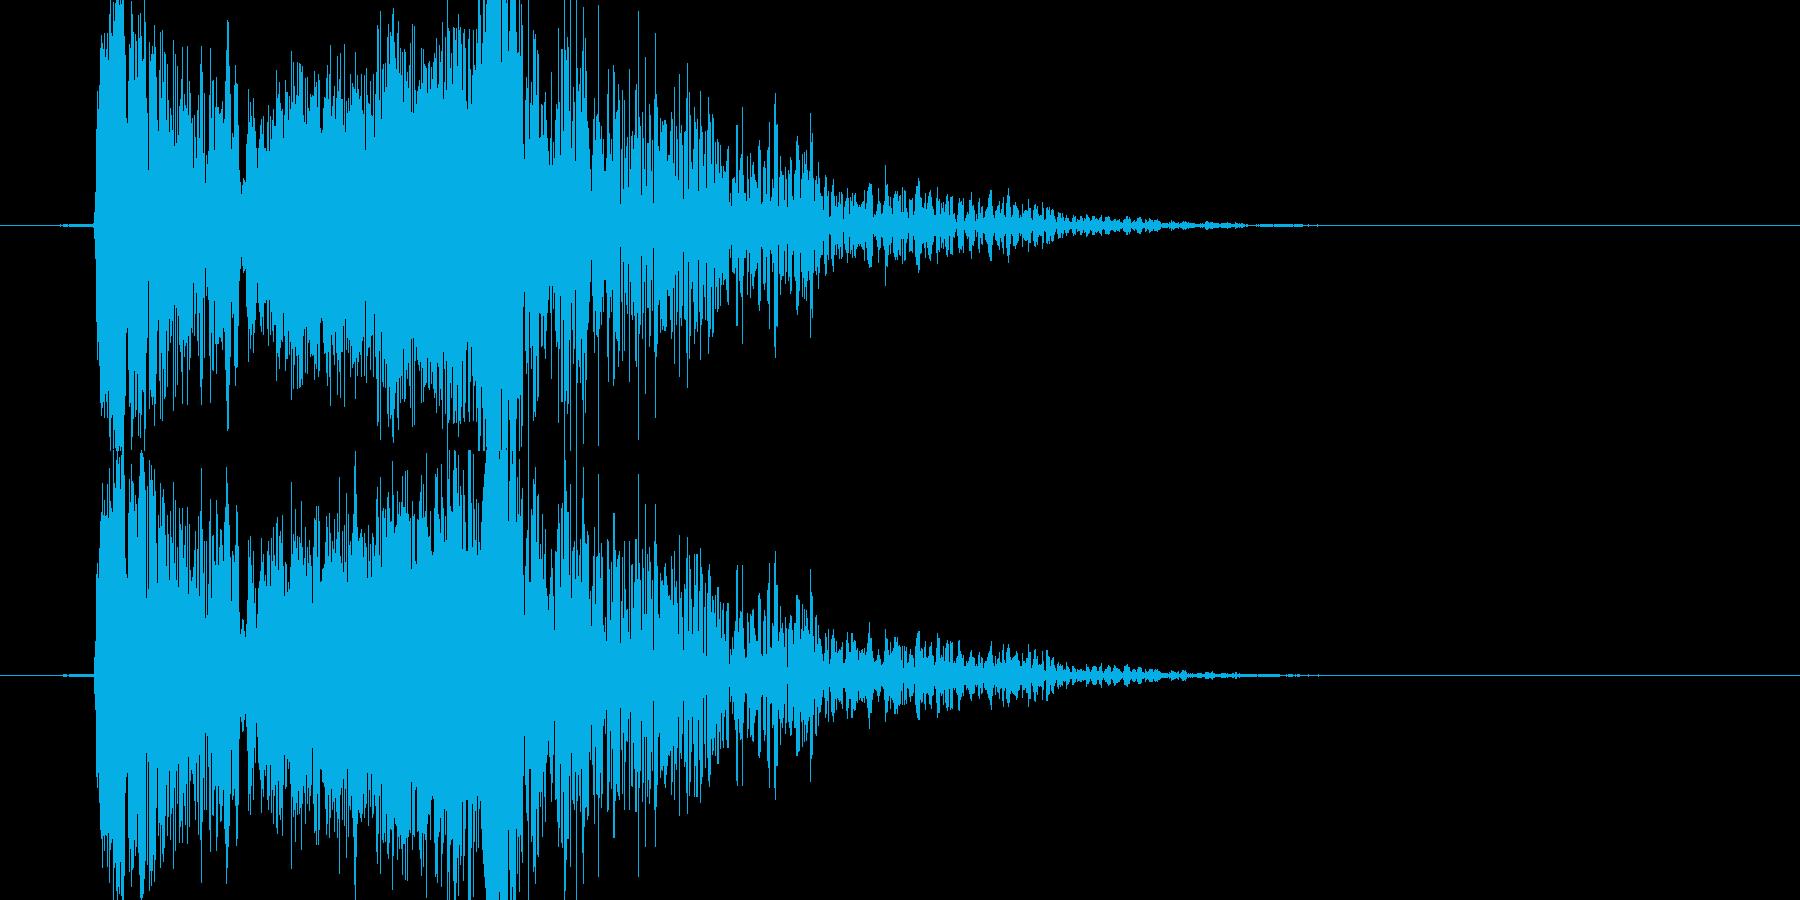 異空間に吸い込まれるような音の再生済みの波形